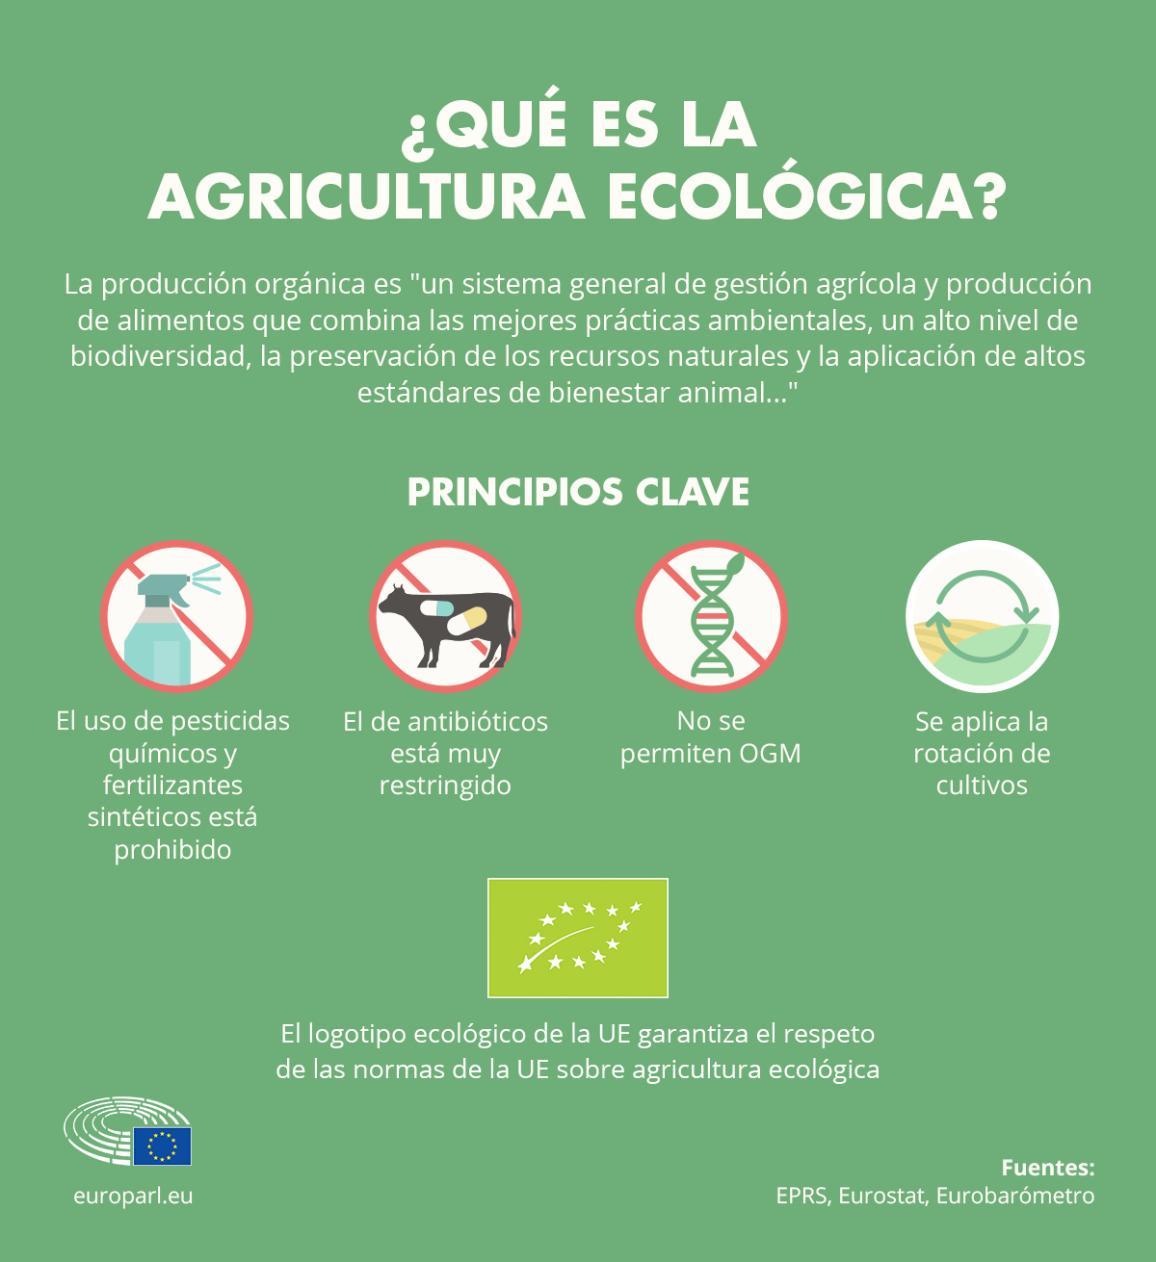 Definición de agricultura ecológica (infografía)